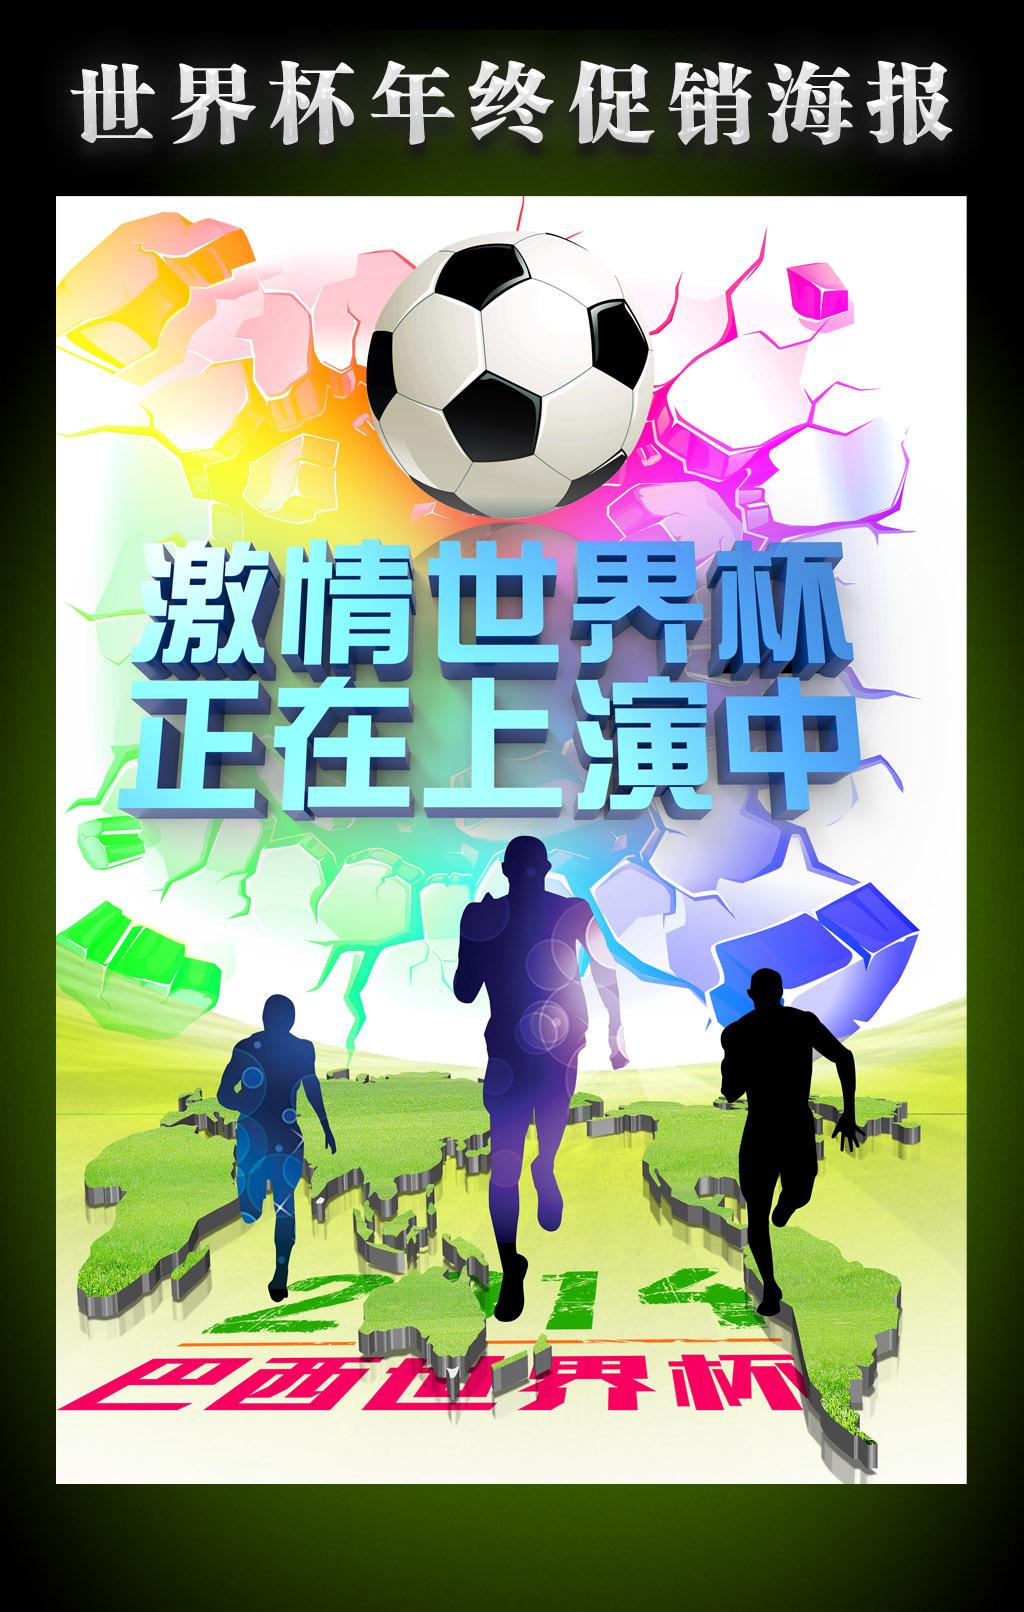 2014世界杯足球赛海报